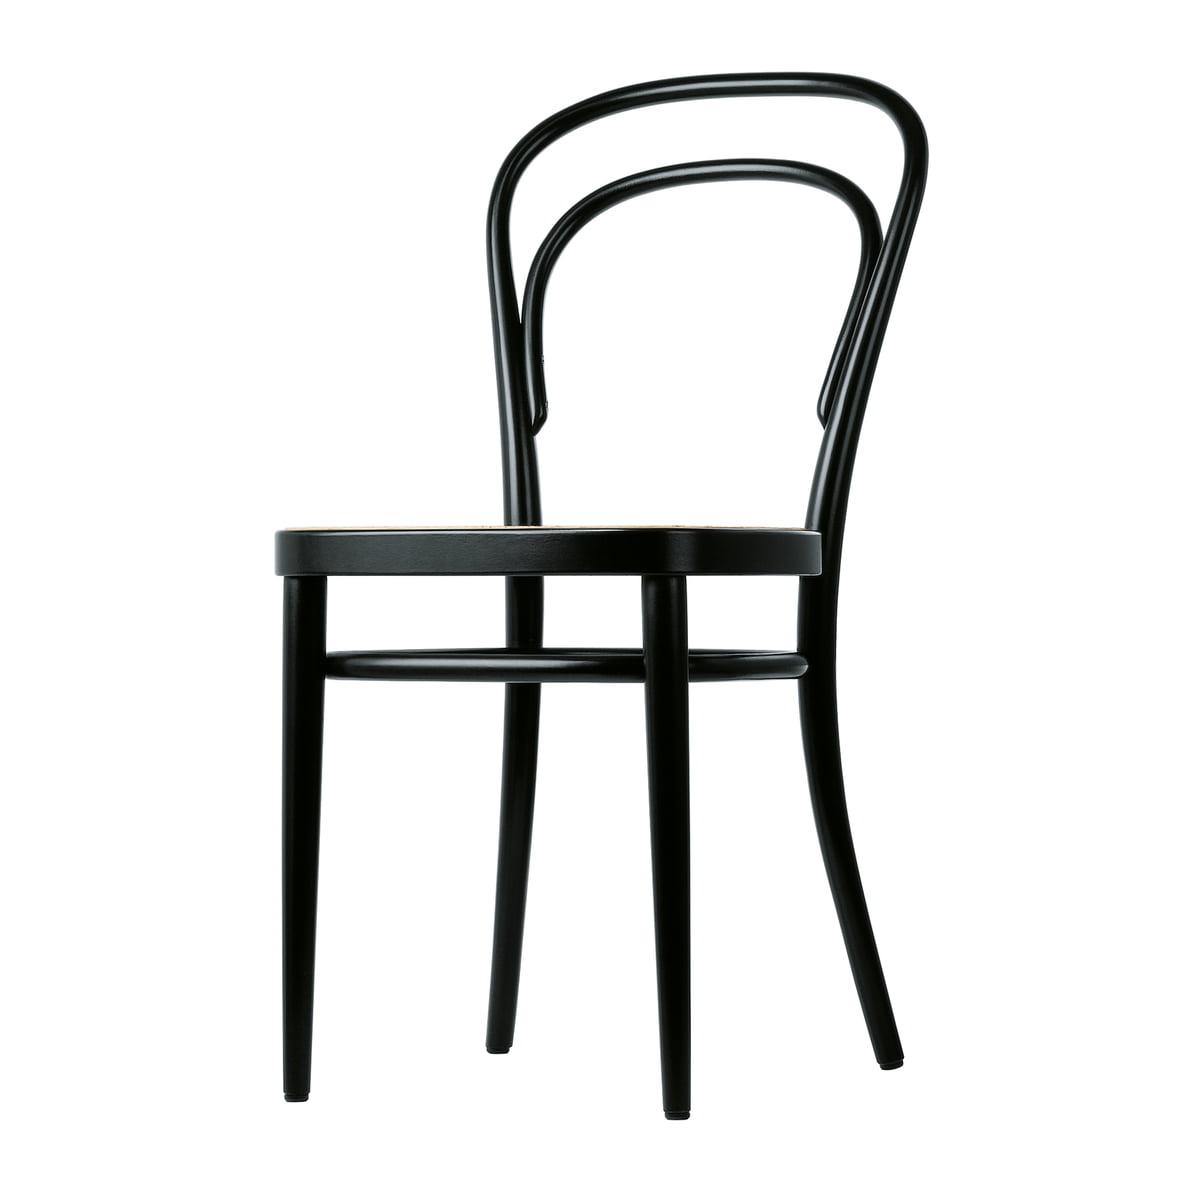 Thonet - 214 Bugholzstuhl, Rohrgeflecht mit Kunststoffstützgewebe / Buche schwarz gebeizt (TP 29) | Küche und Esszimmer > Stühle und Hocker > Holzstühle | Schwarz | Thonet